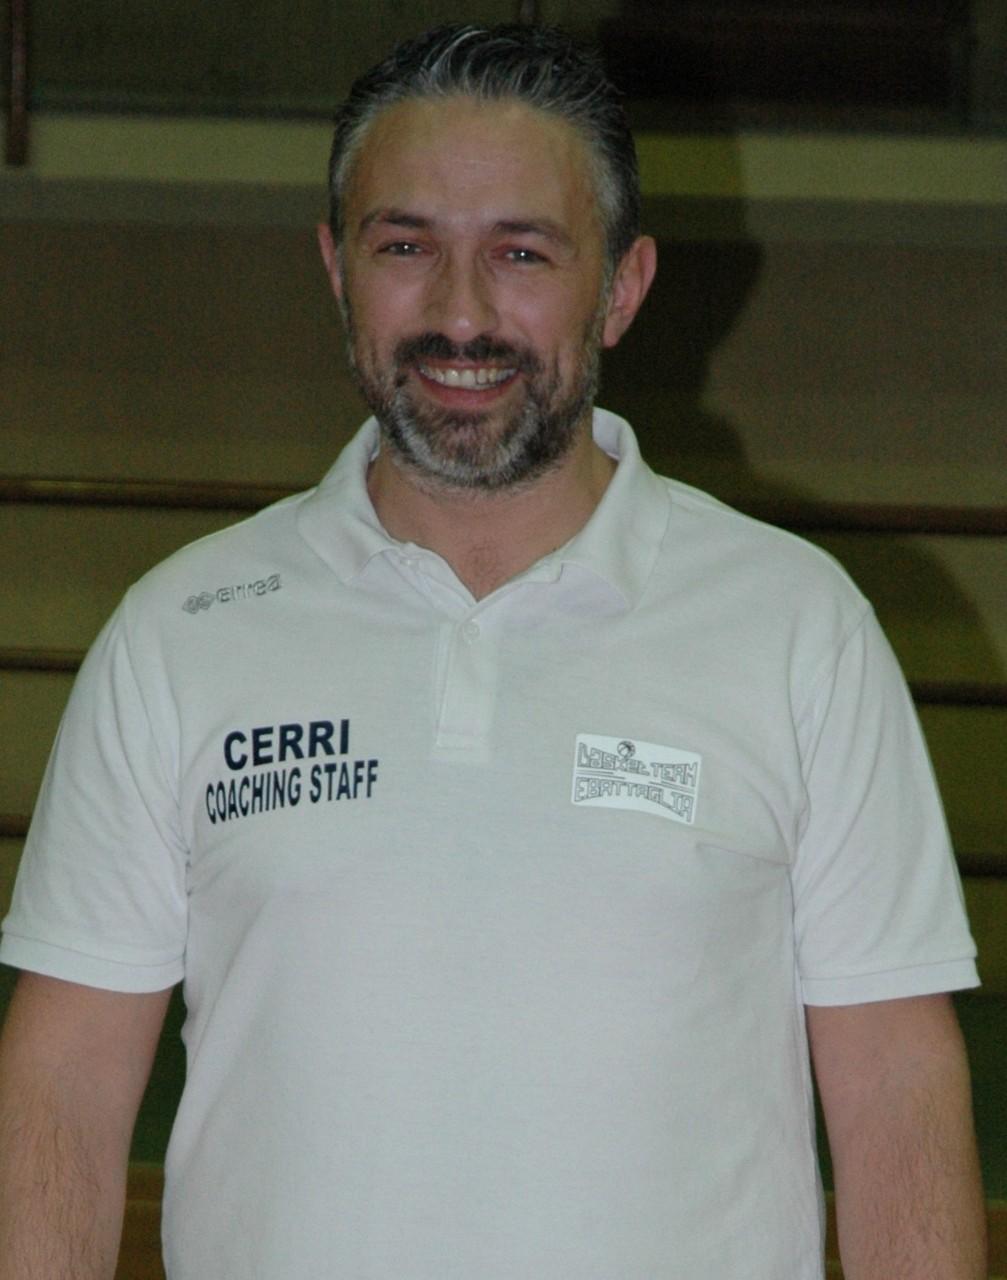 assistente Andrea CERRI